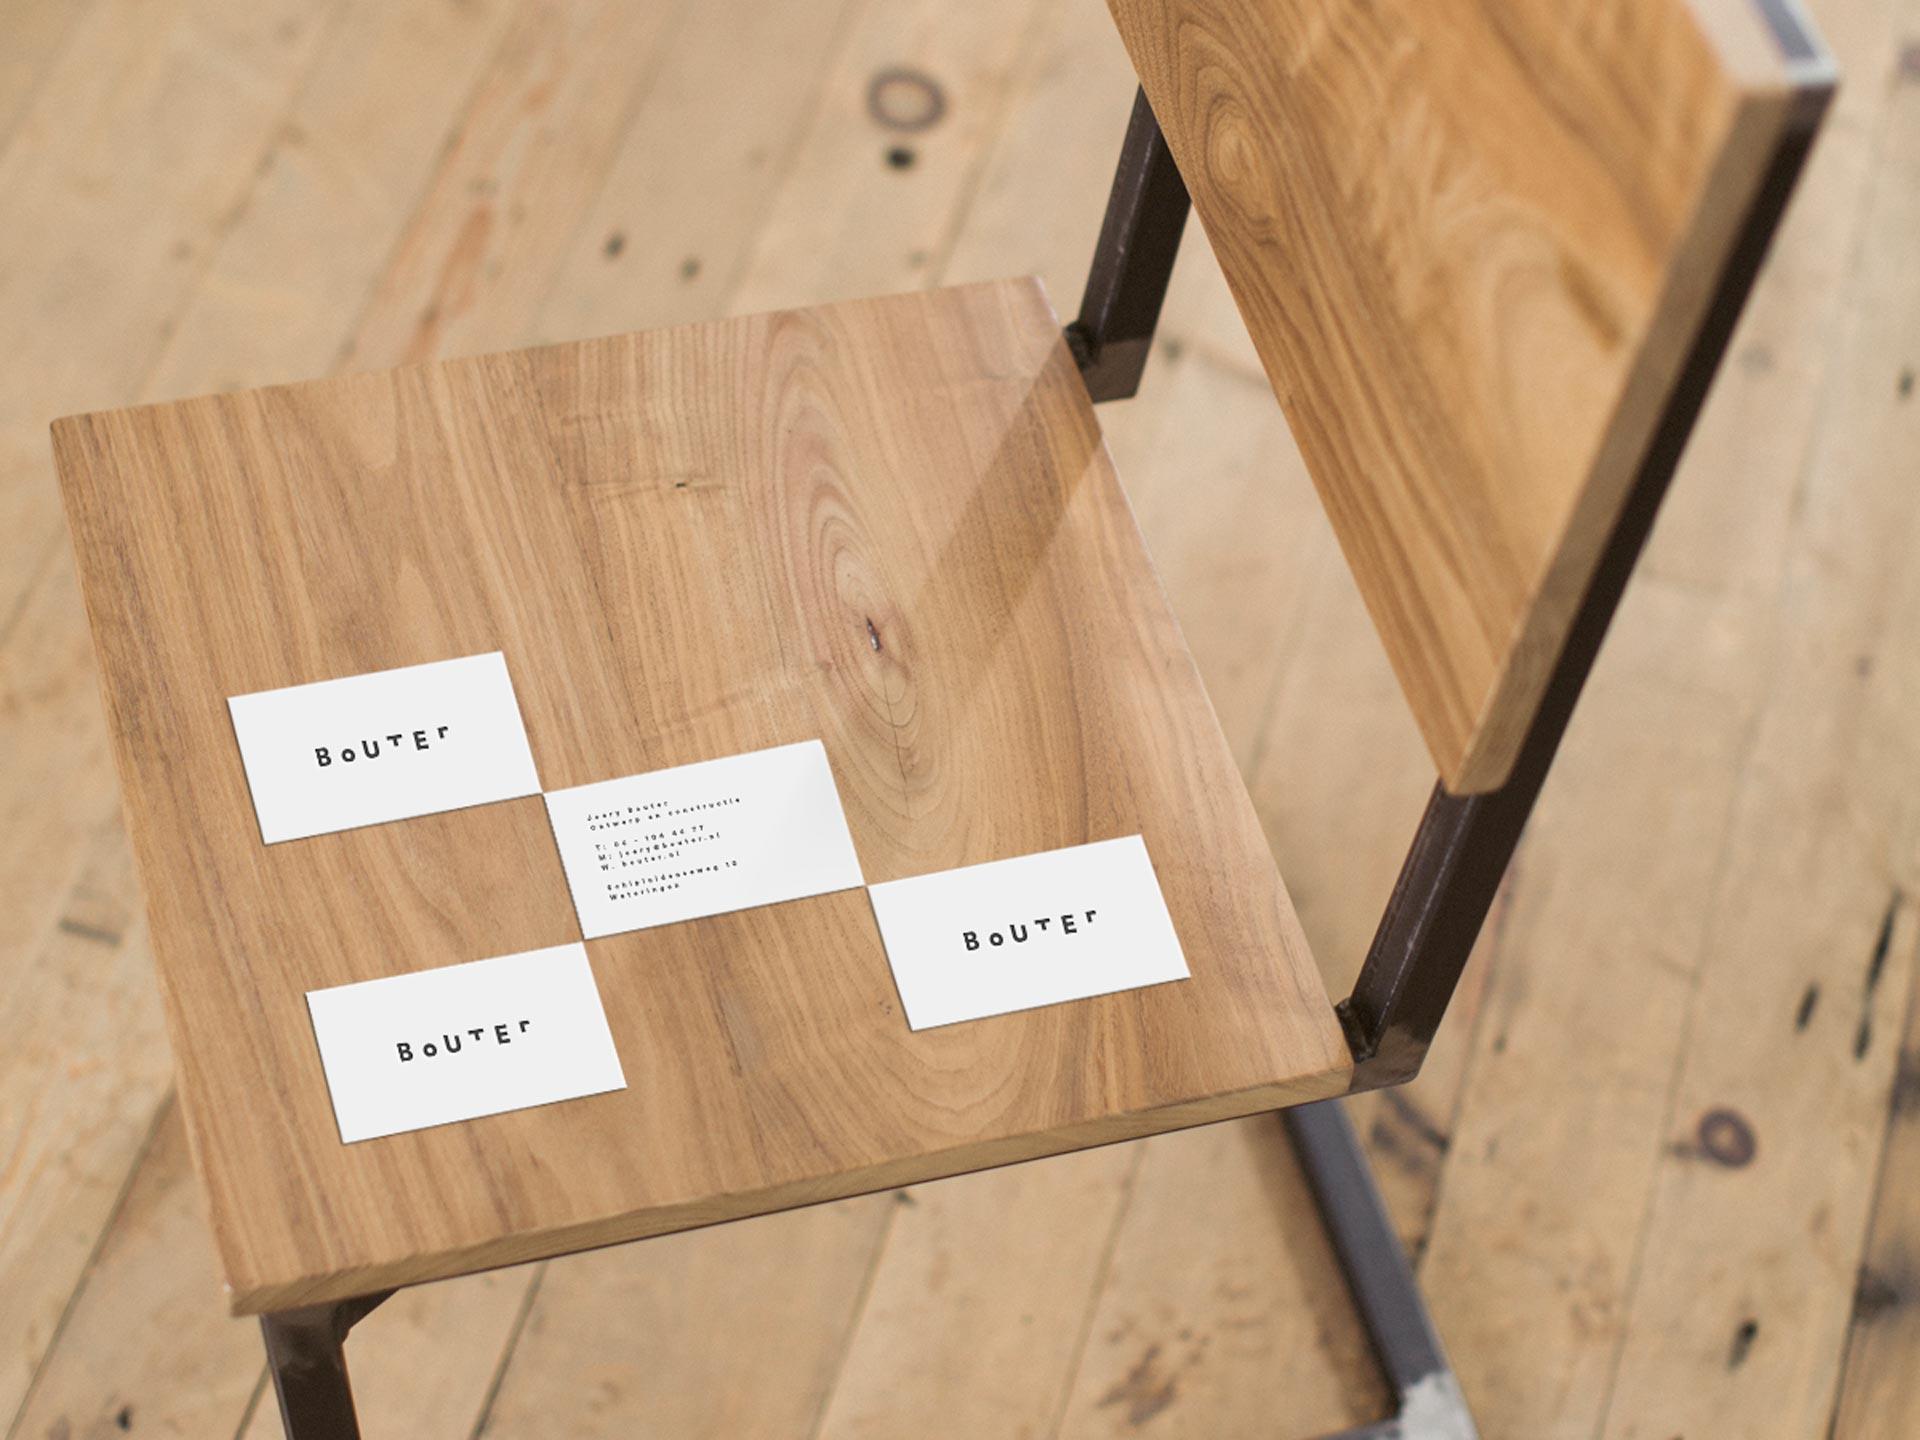 grafisch ontwerp visitekaartje bouter delft de design club